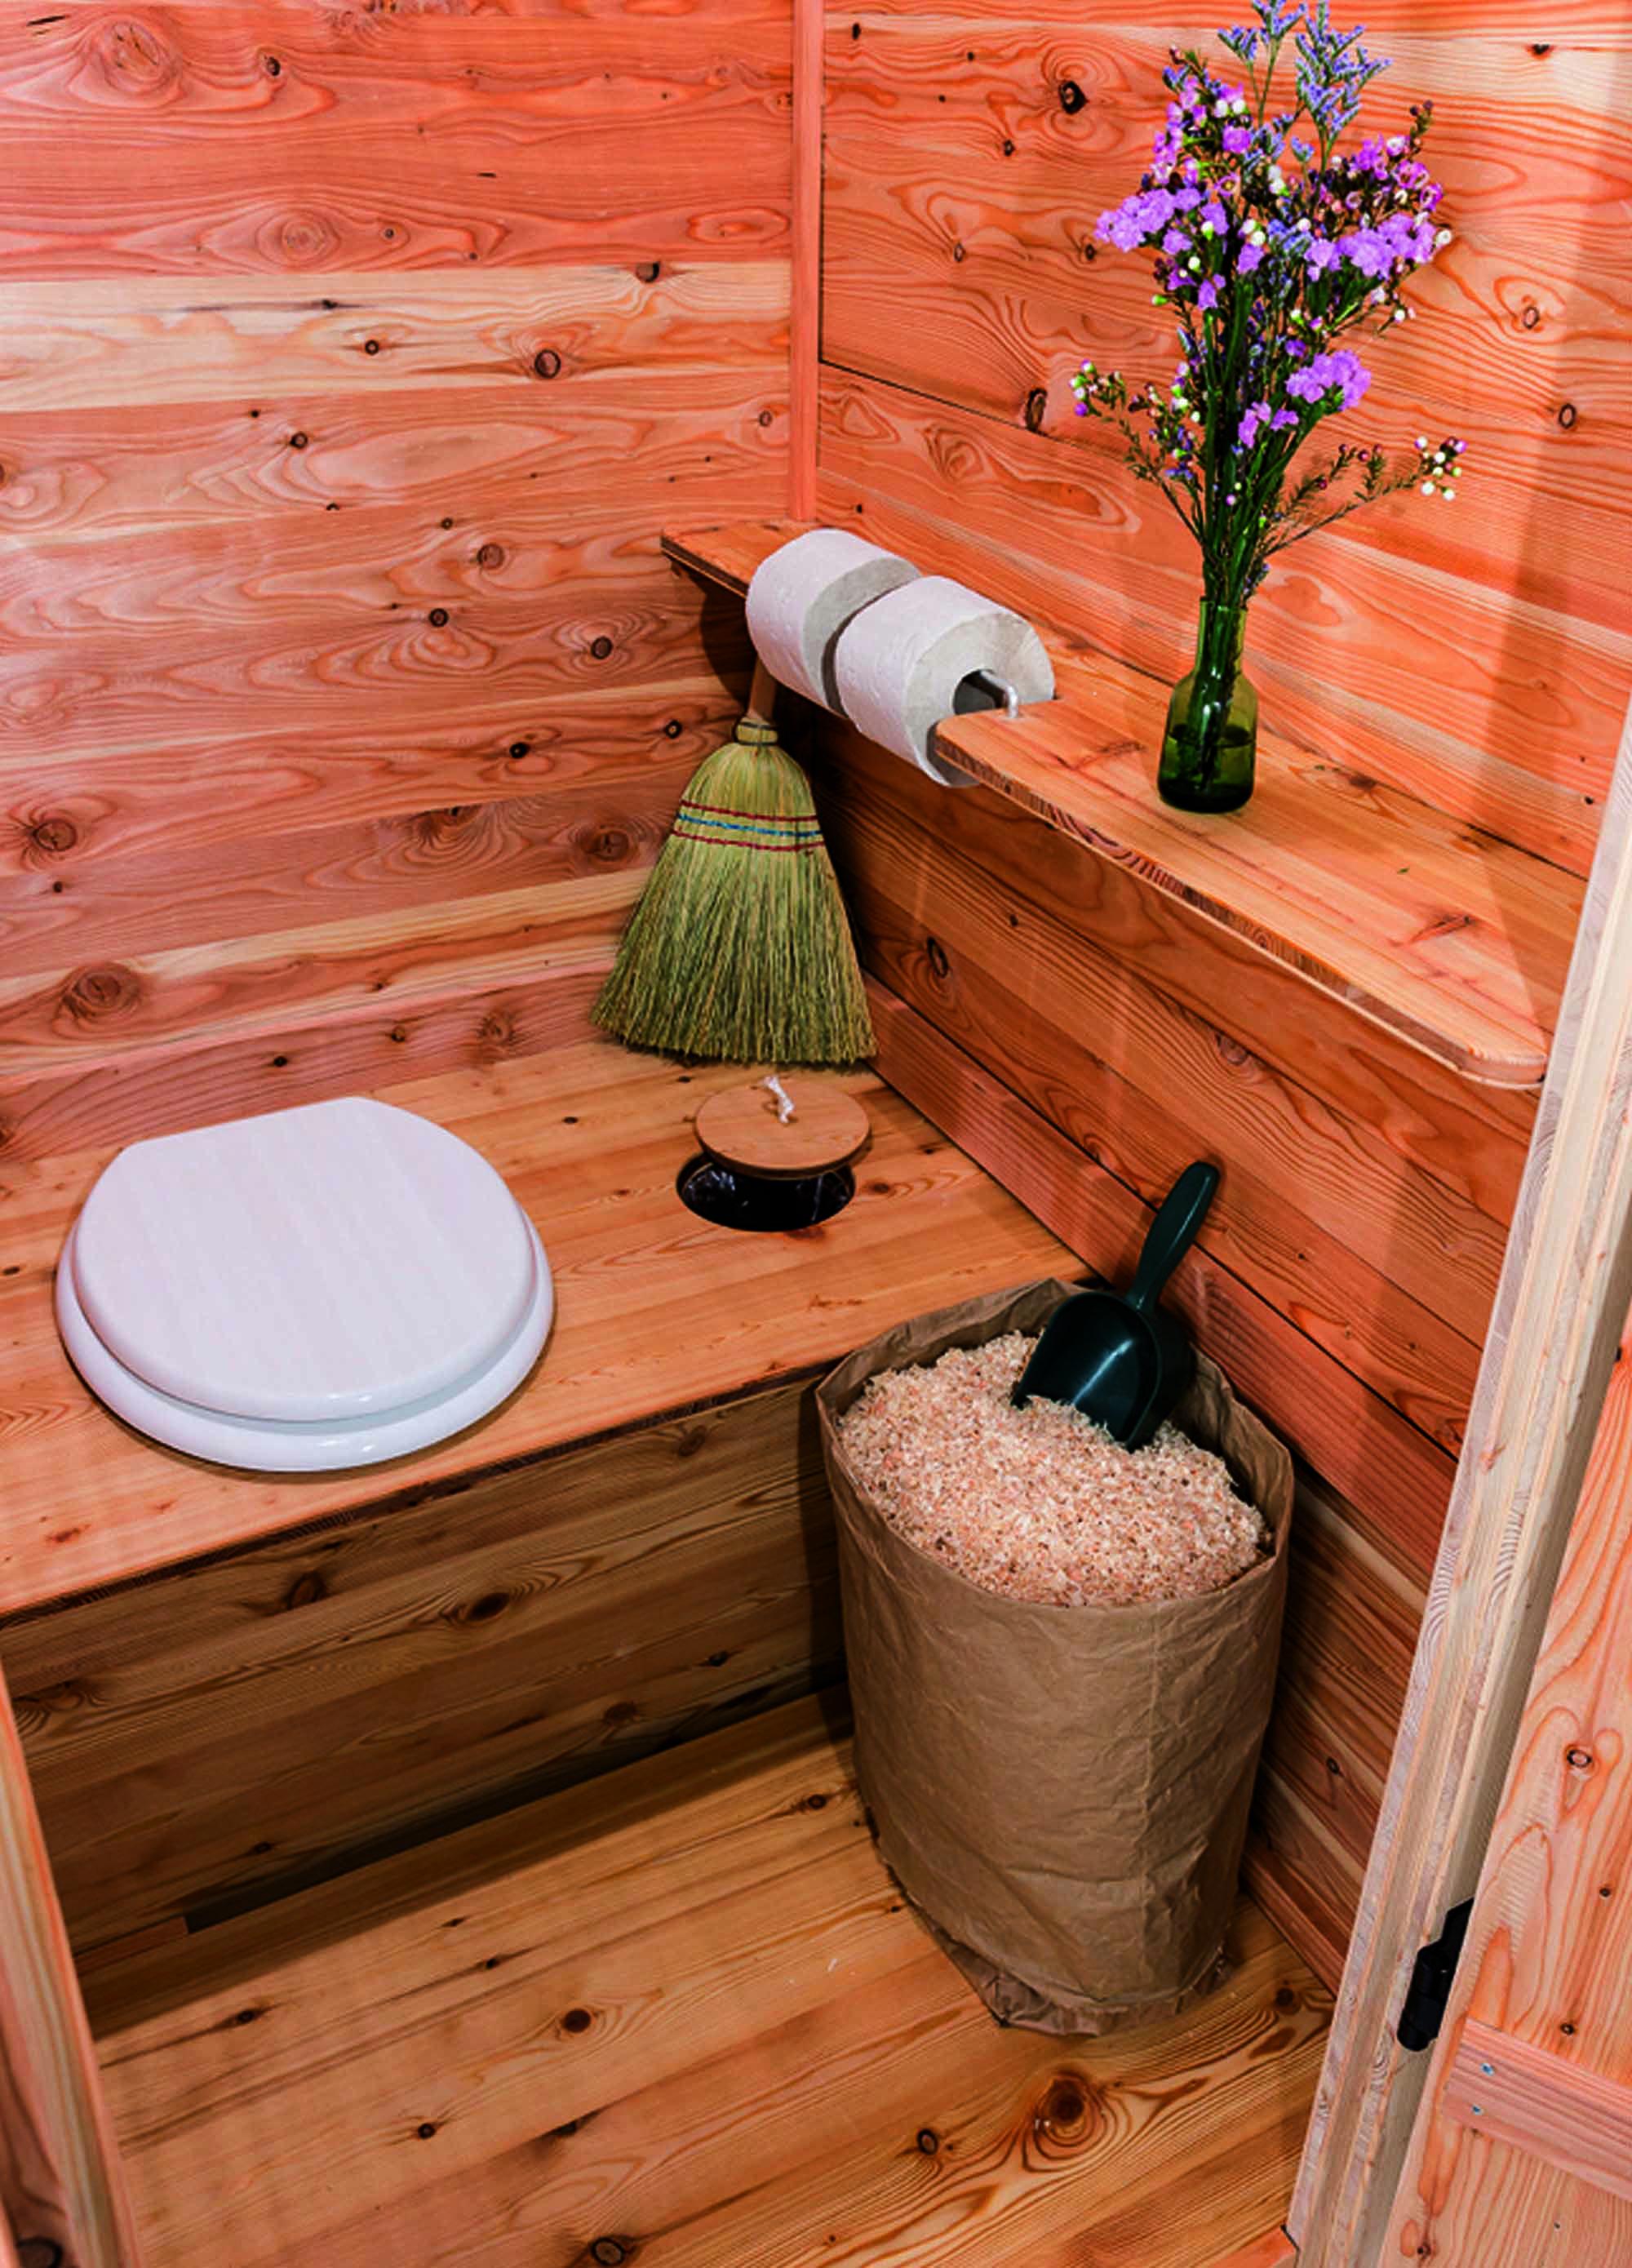 Komposttoilette Mischsystem Gartenfrosch In 2020 Komposttoilette Kompost Garten